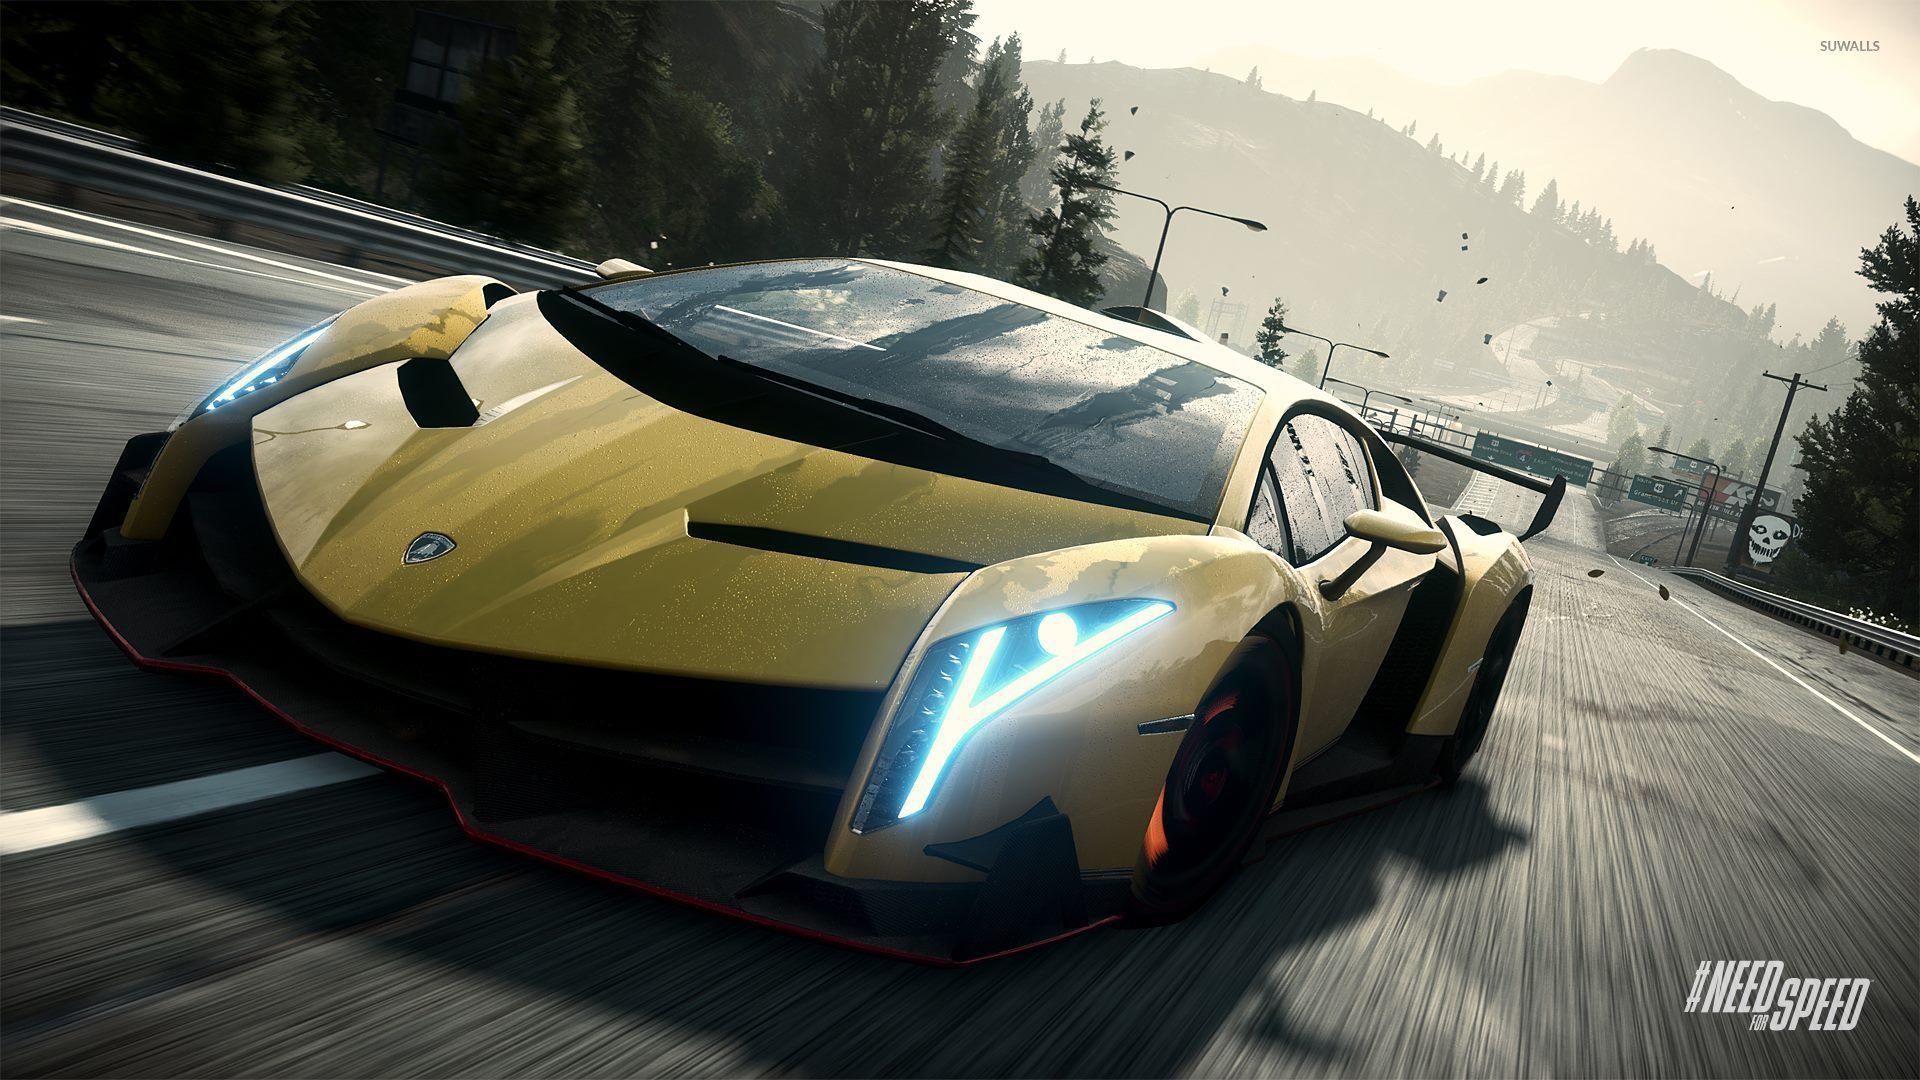 Lamborghini Veneno Need For Speed Rivals 2 Wallpaper